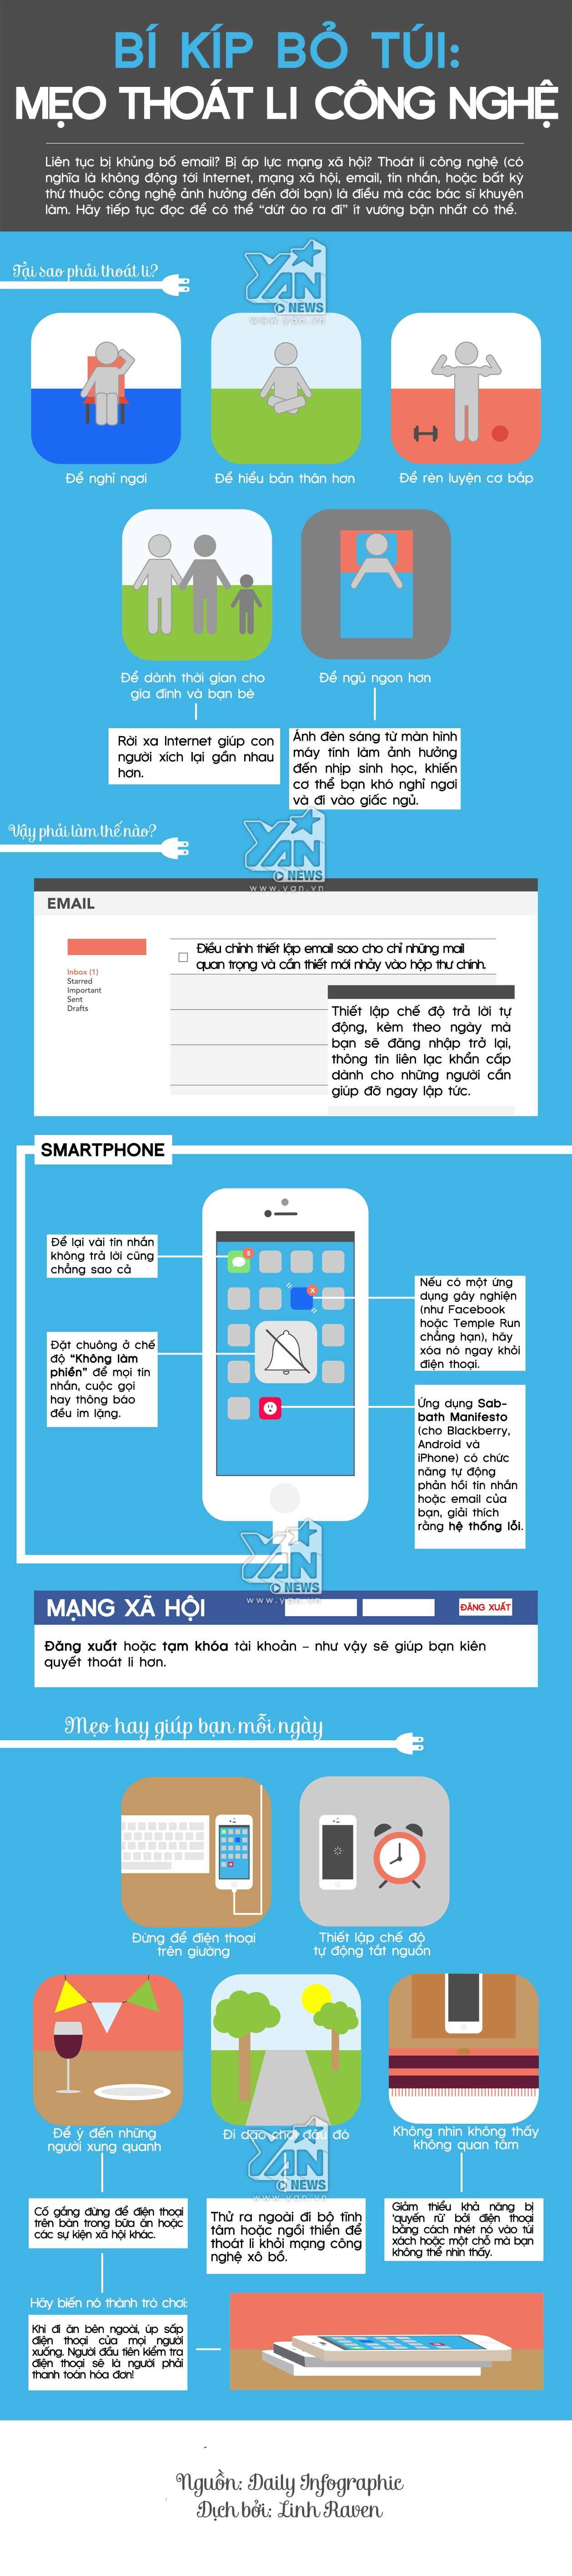 [Infographic] Bí kíp bỏ túi: Thoát li công nghệ